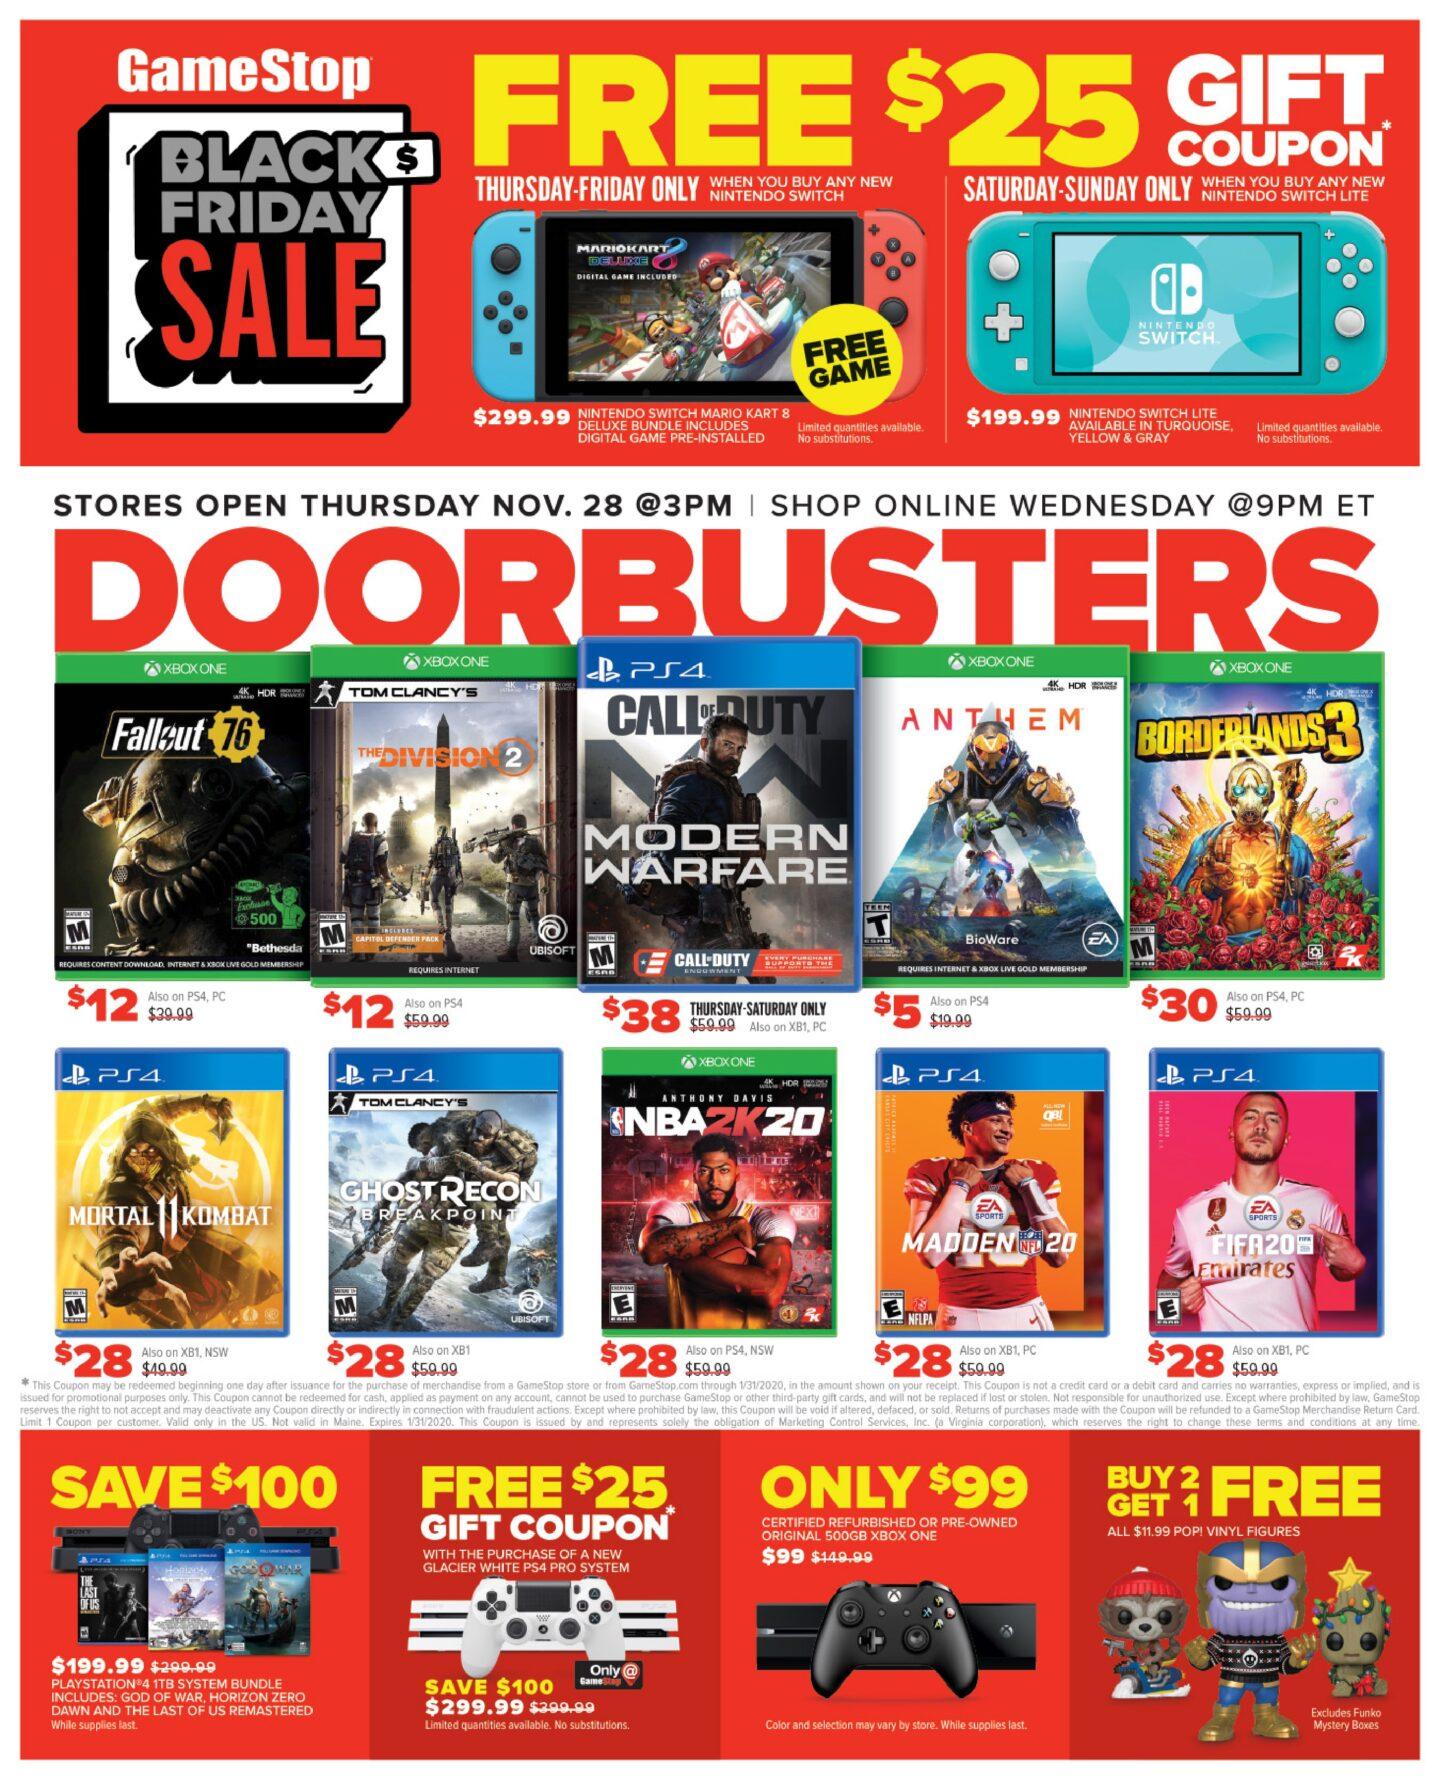 GameStop Black Friday Ad Sale 2019